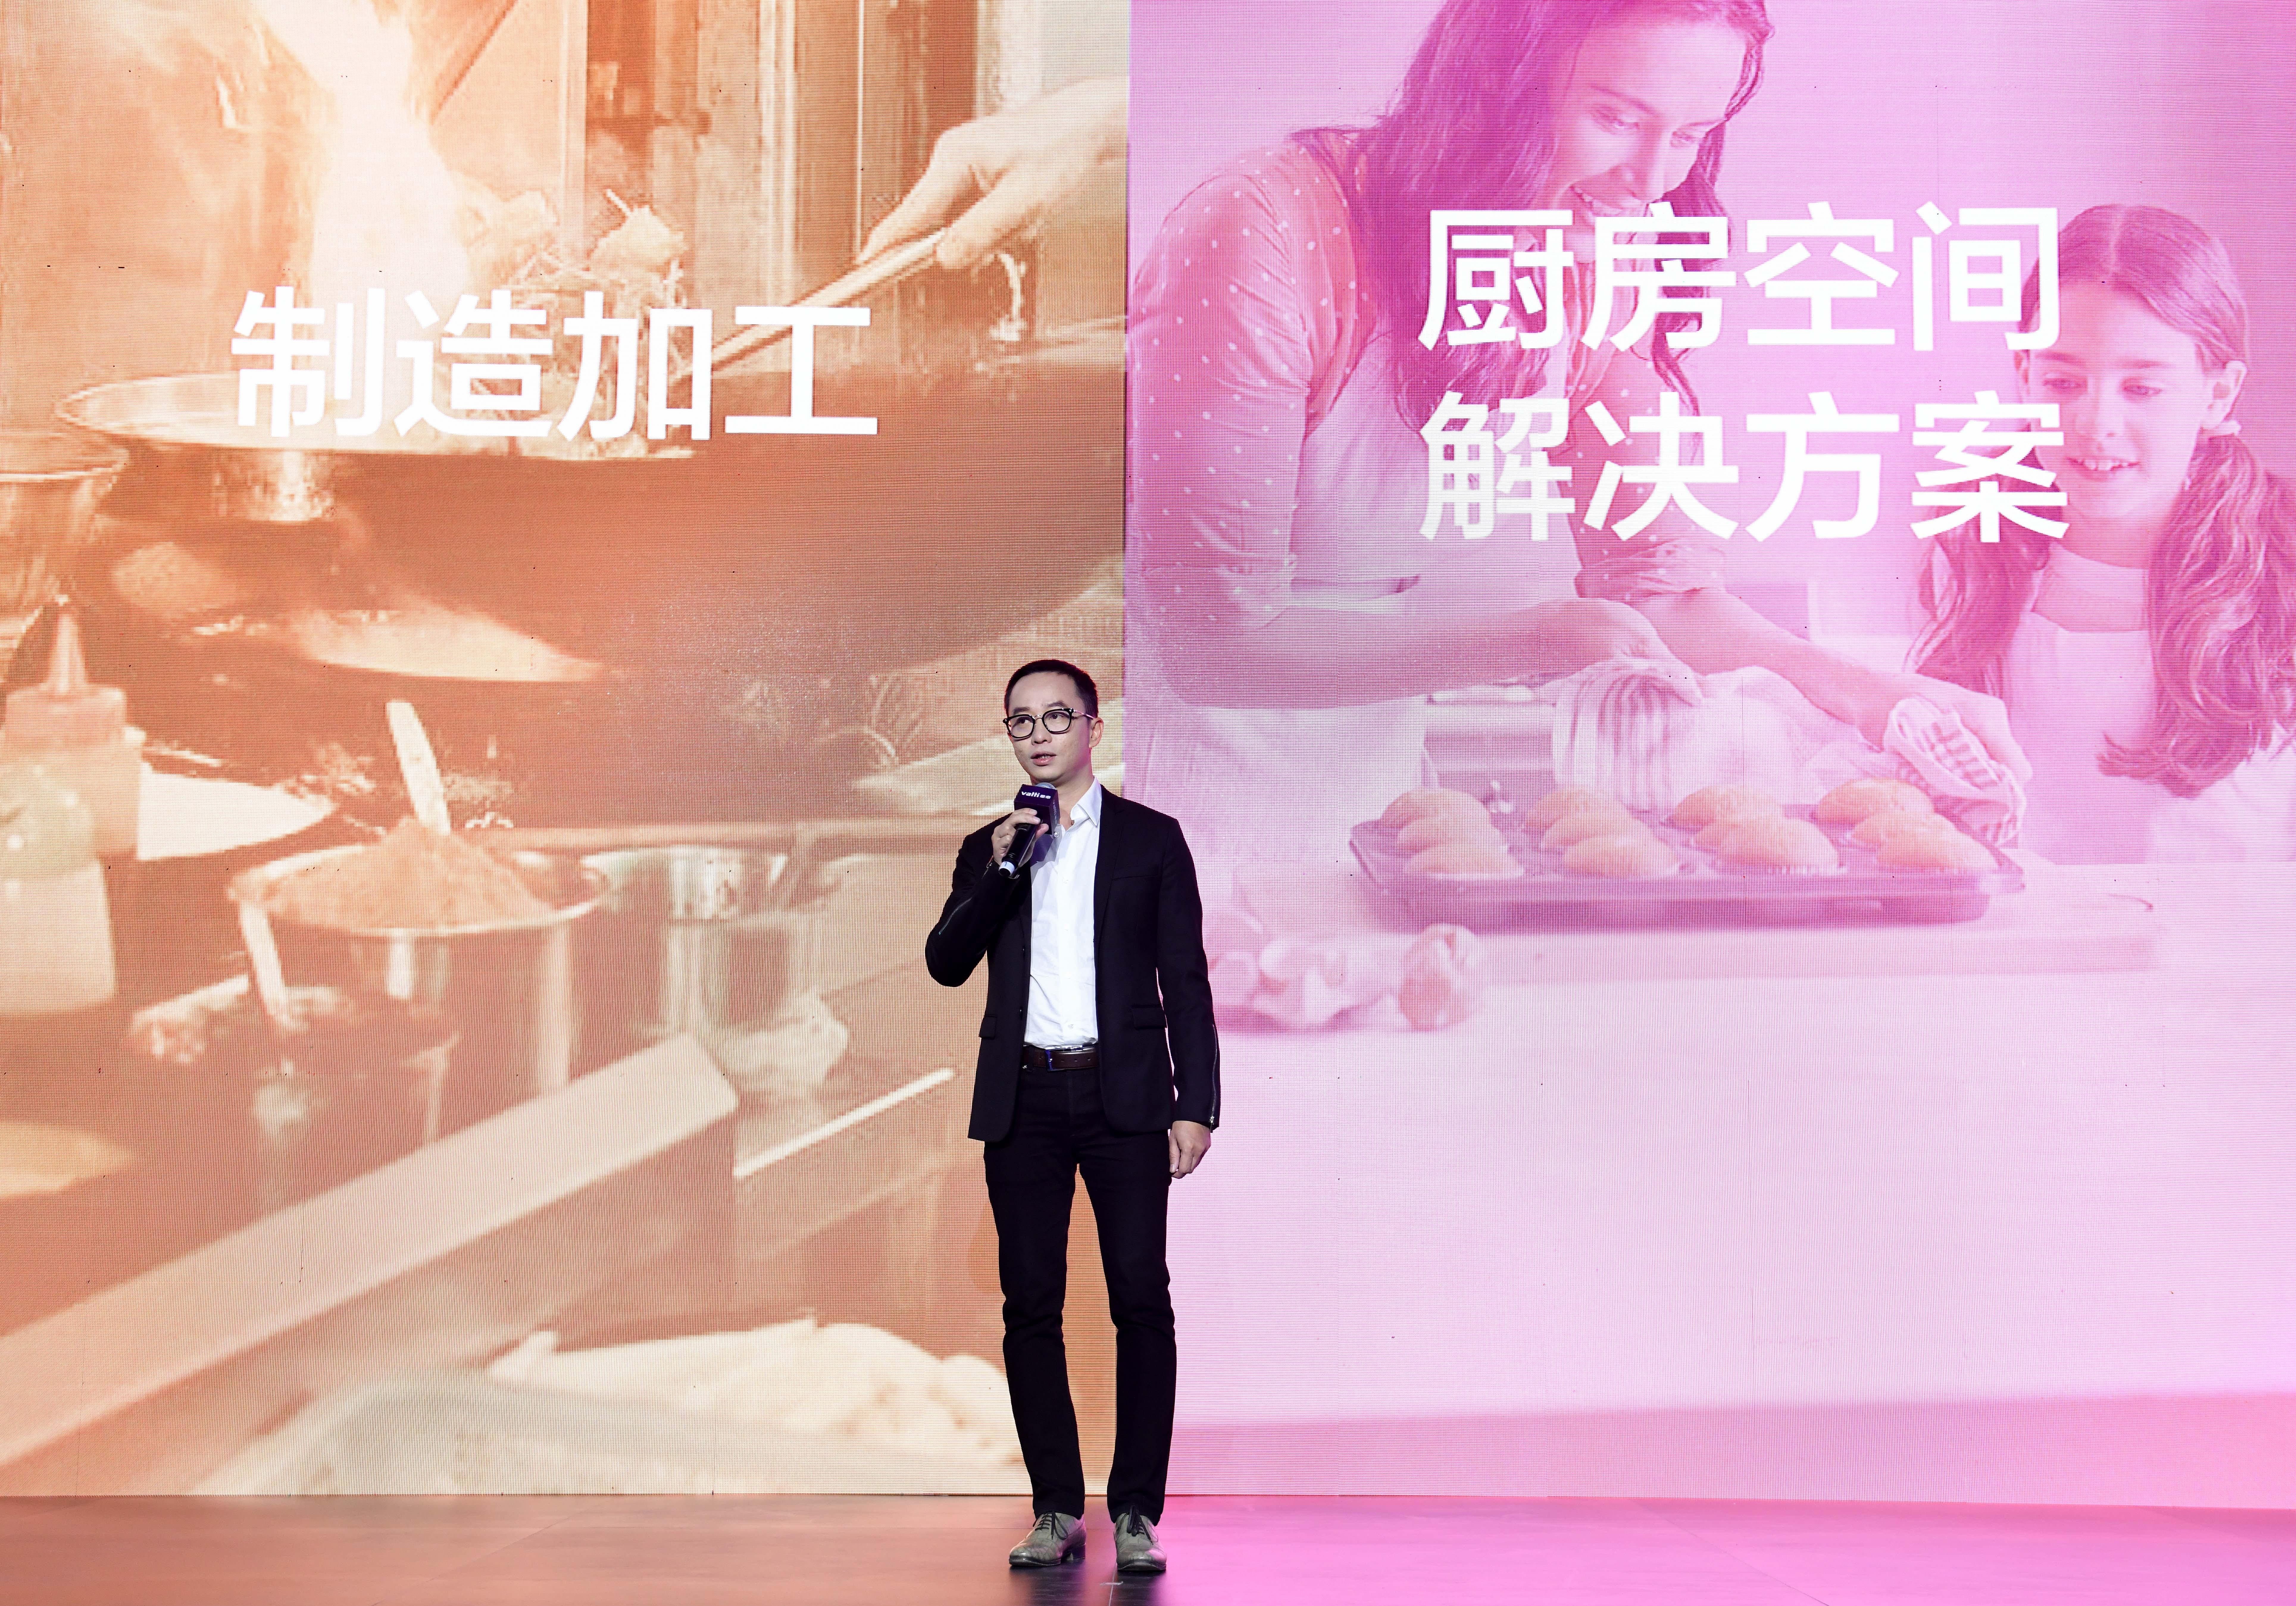 2019华帝华帝未来之约发布会的主角VCOO,也许就是厨房未来的样子